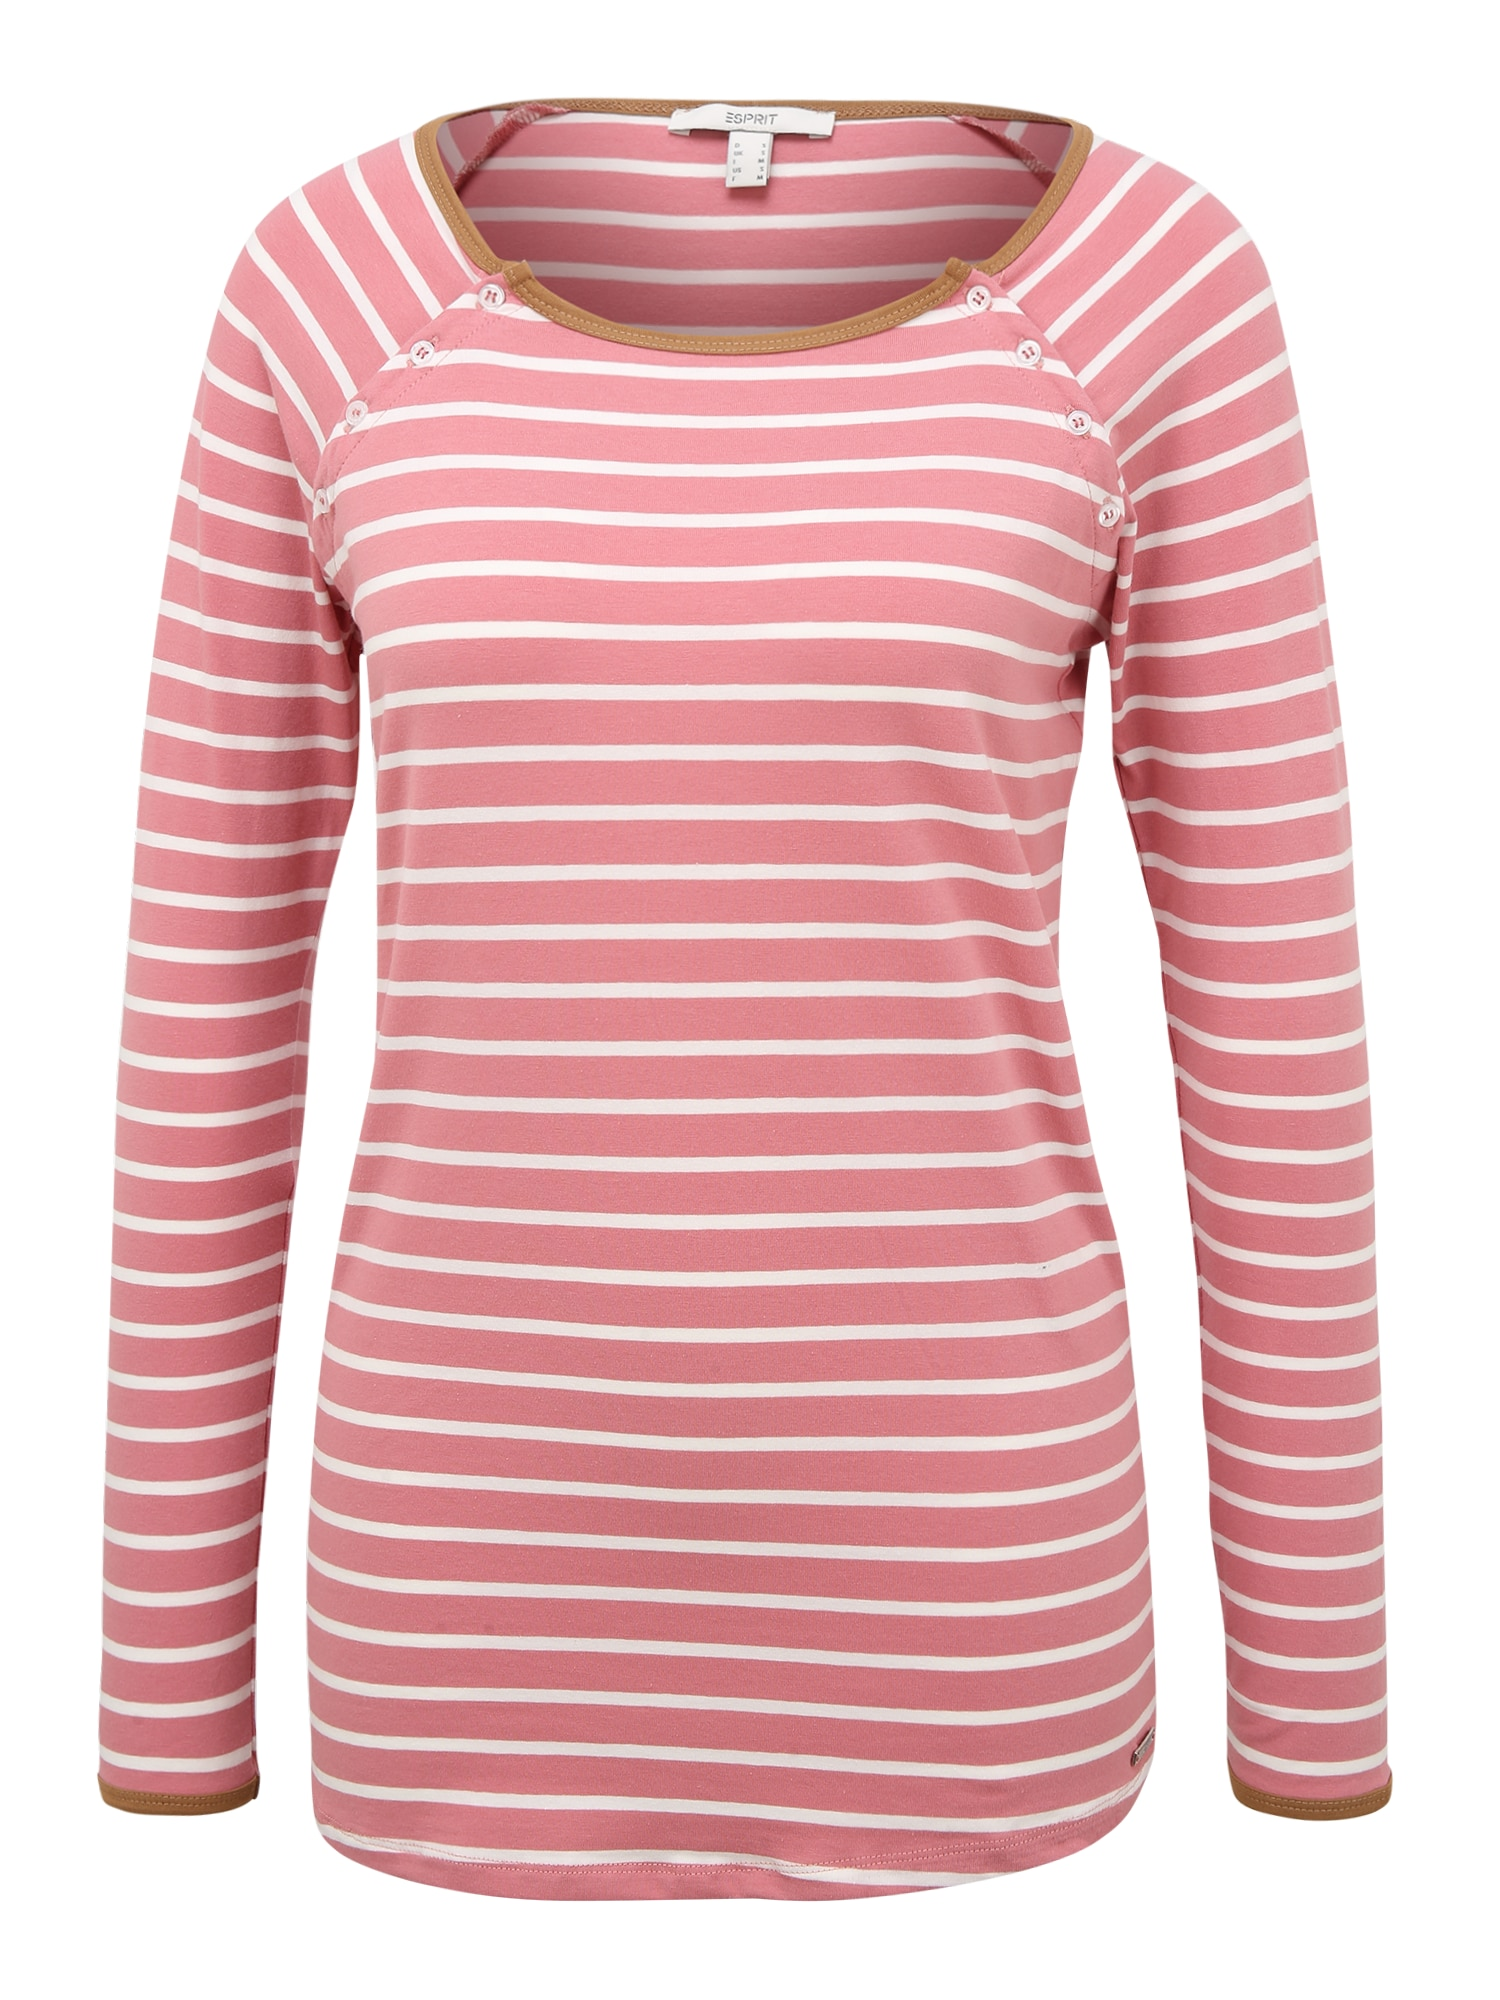 Esprit Maternity Marškinėliai balta / ryškiai rožinė spalva